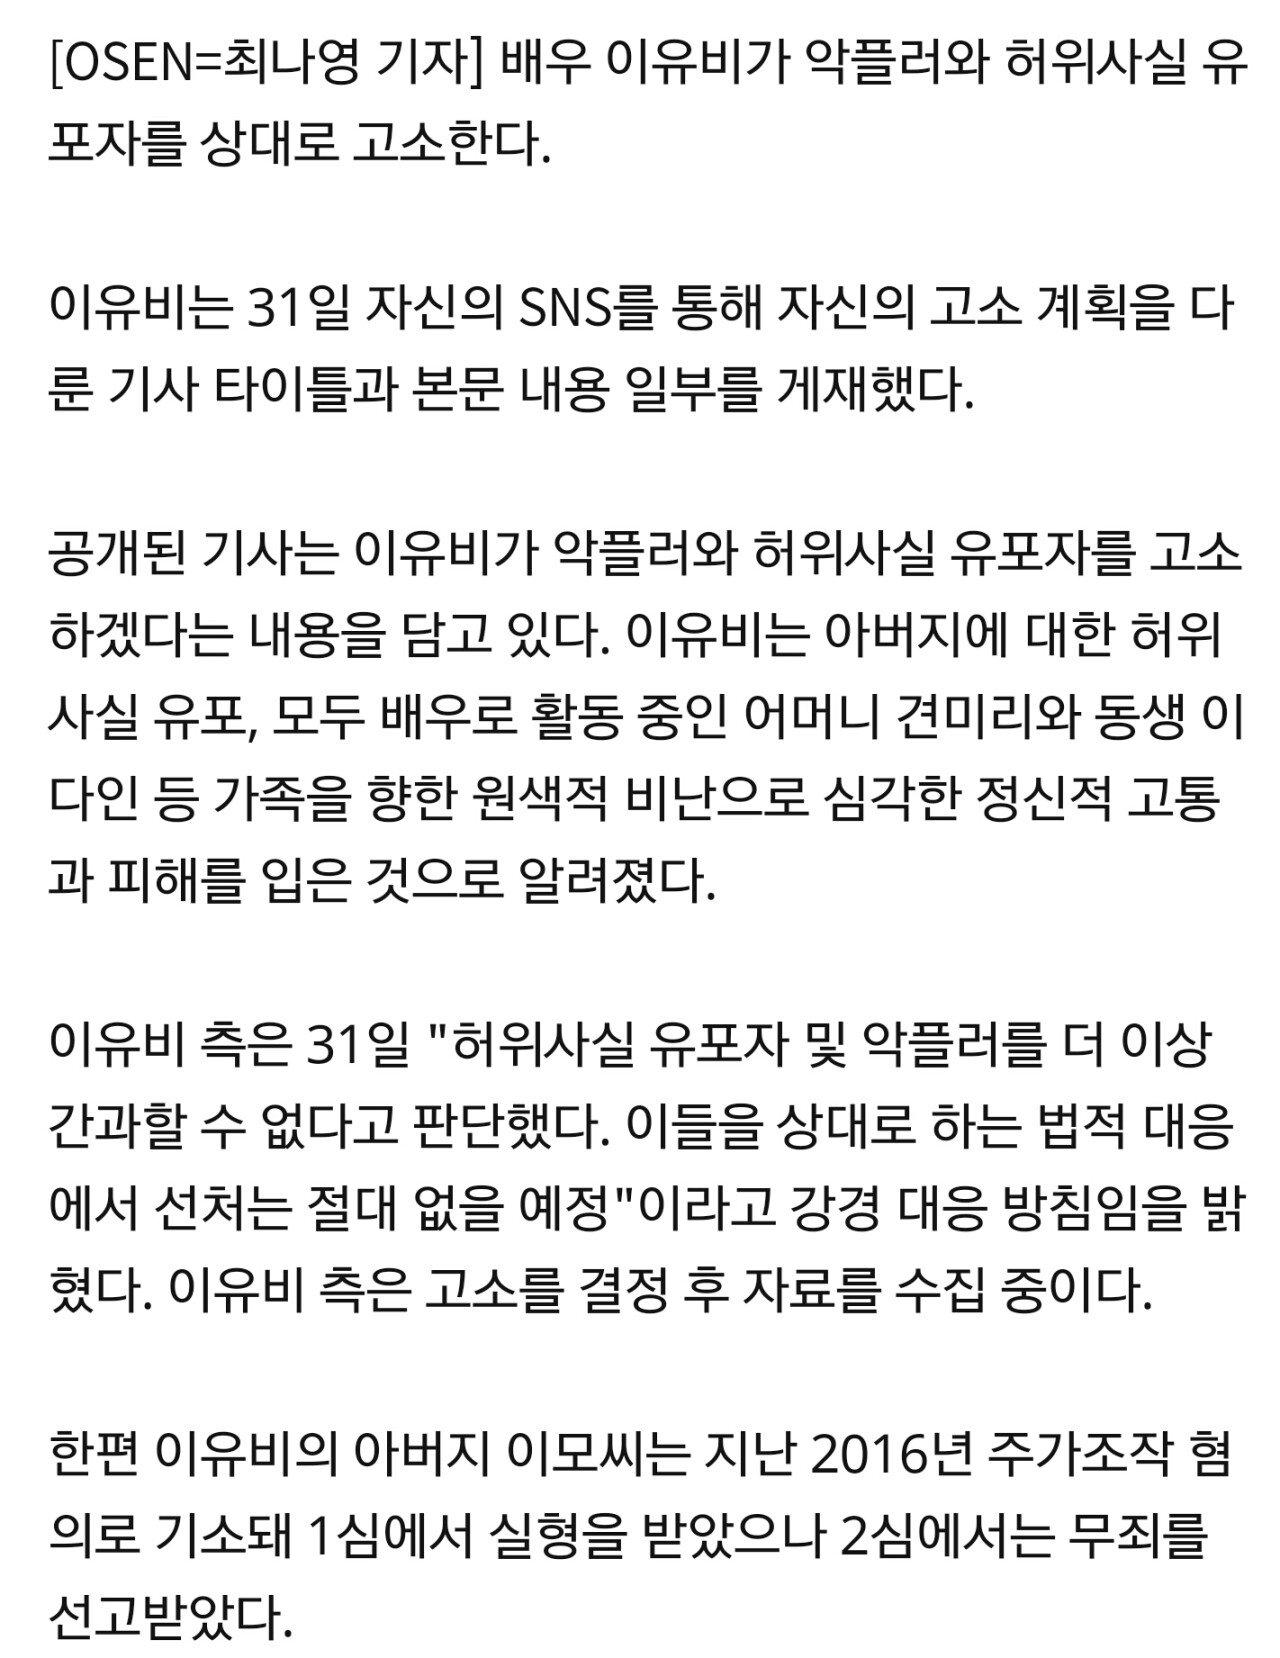 """""""가족 공격, 선처 없다"""" 이유비, 악플러와 허위사실 유포자 고소(공식)"""